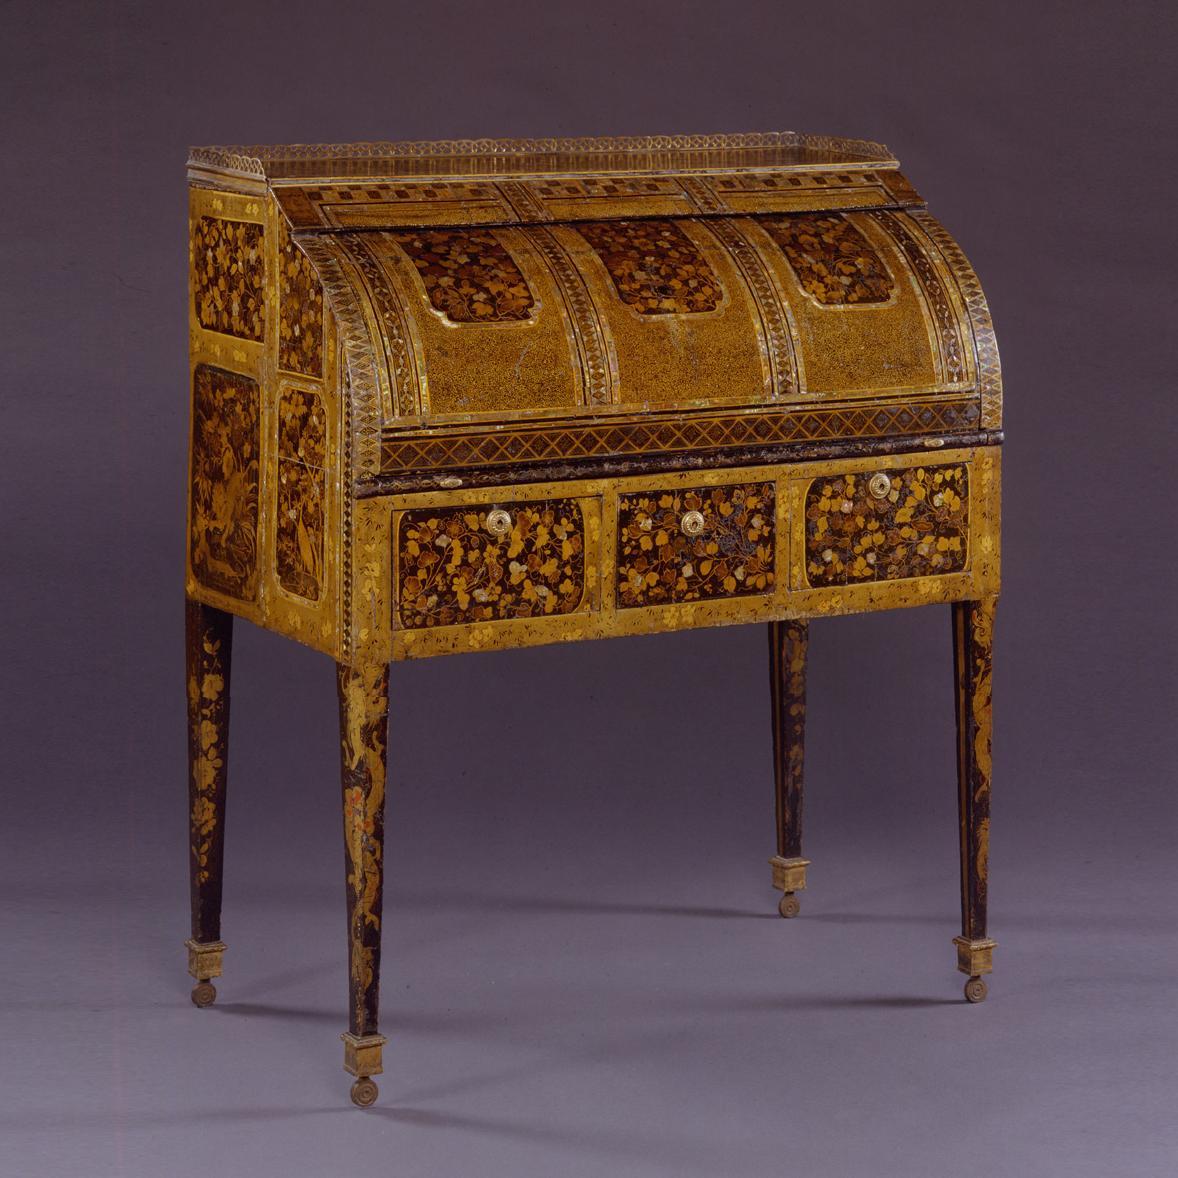 Historia del mueble y de la decoraci n interiorista 17 for 13 bureau ims llc